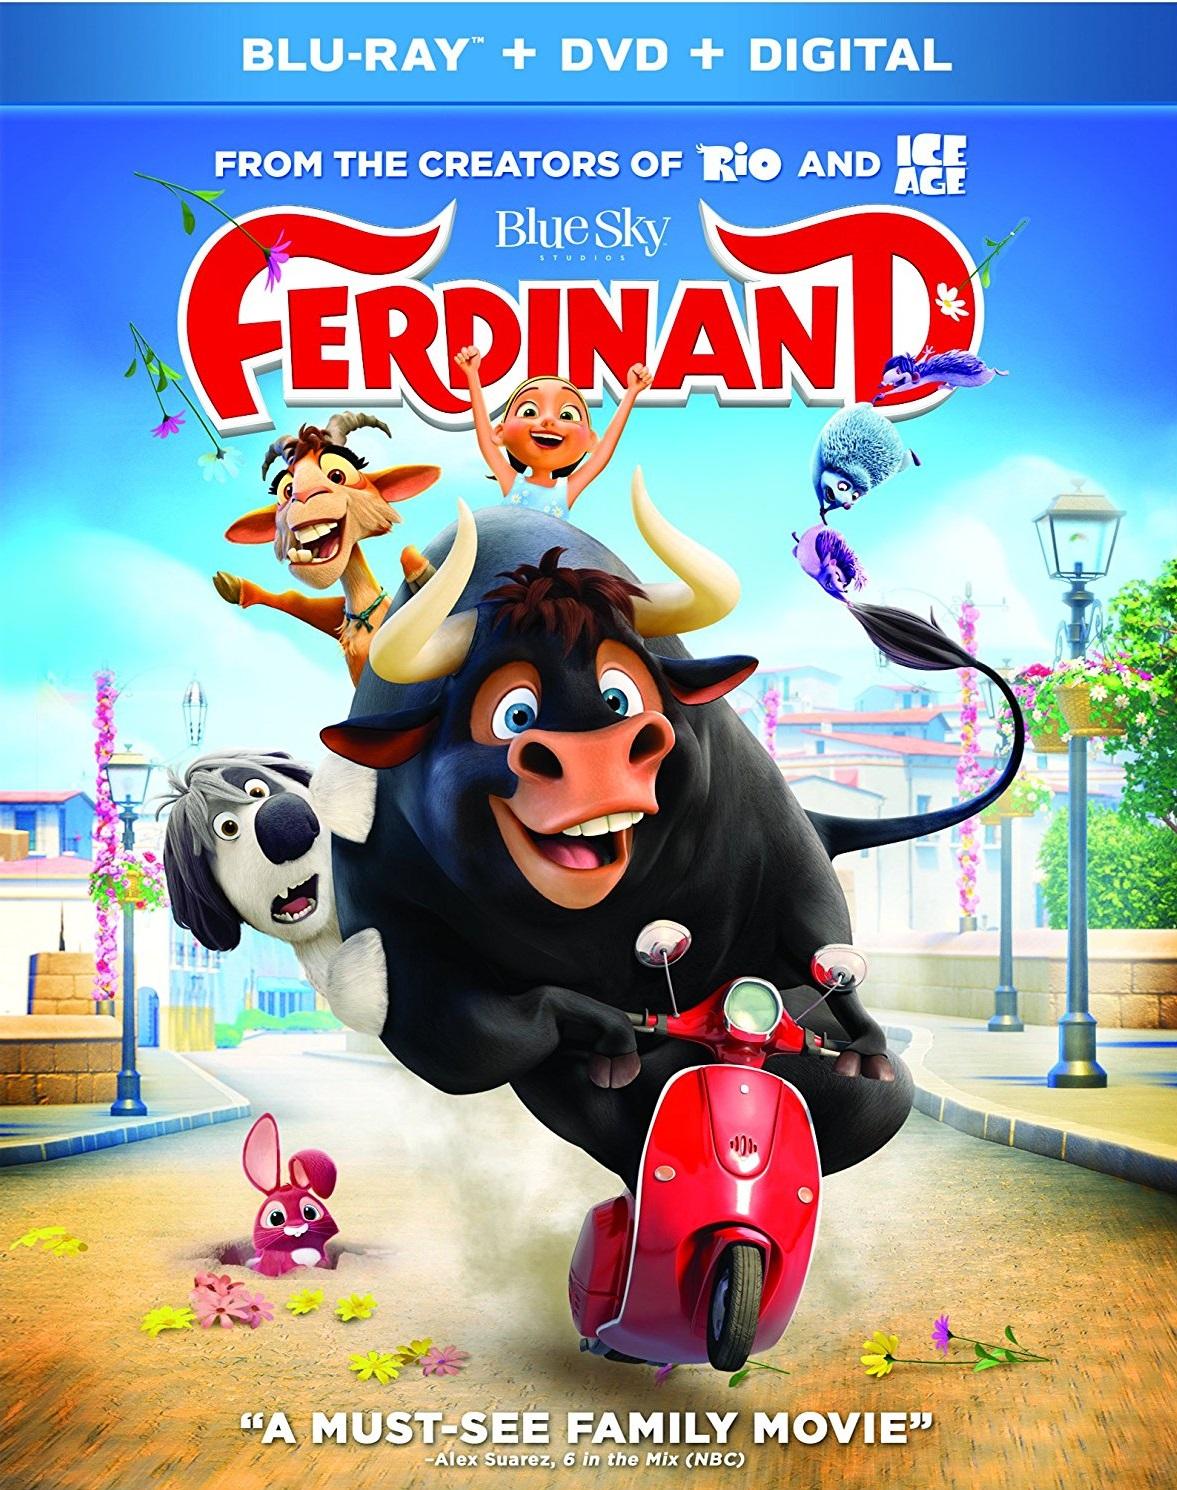 Ole, El Viaje de Ferdinand - 2017 [HD] [1080p] [Latino]